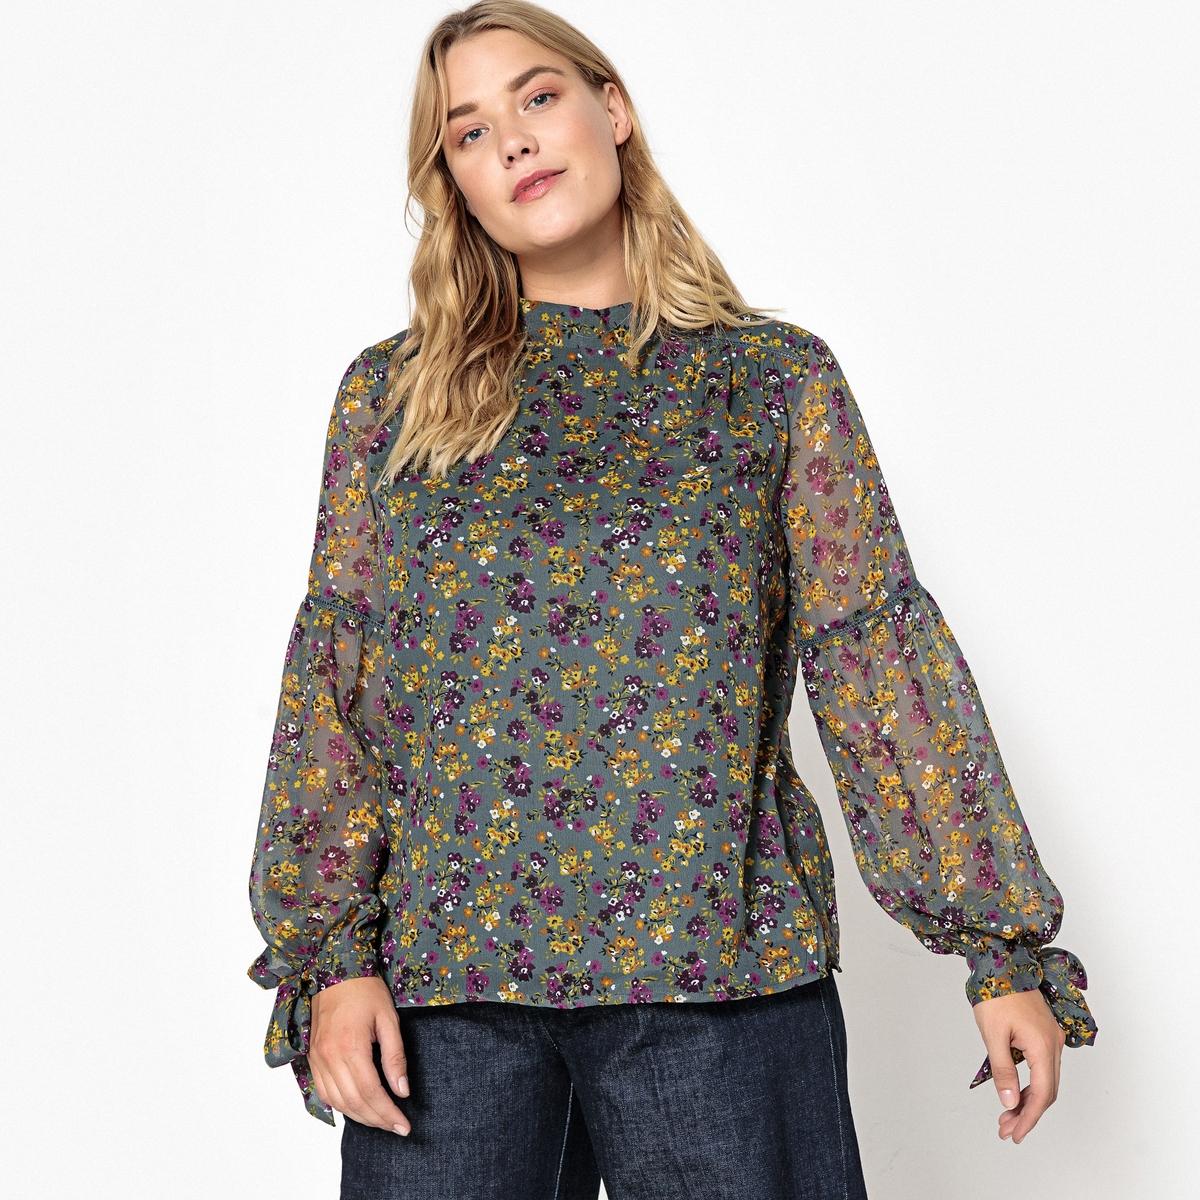 Блузка с воротником-стойкой, цветочным рисунком и длинными рукавами